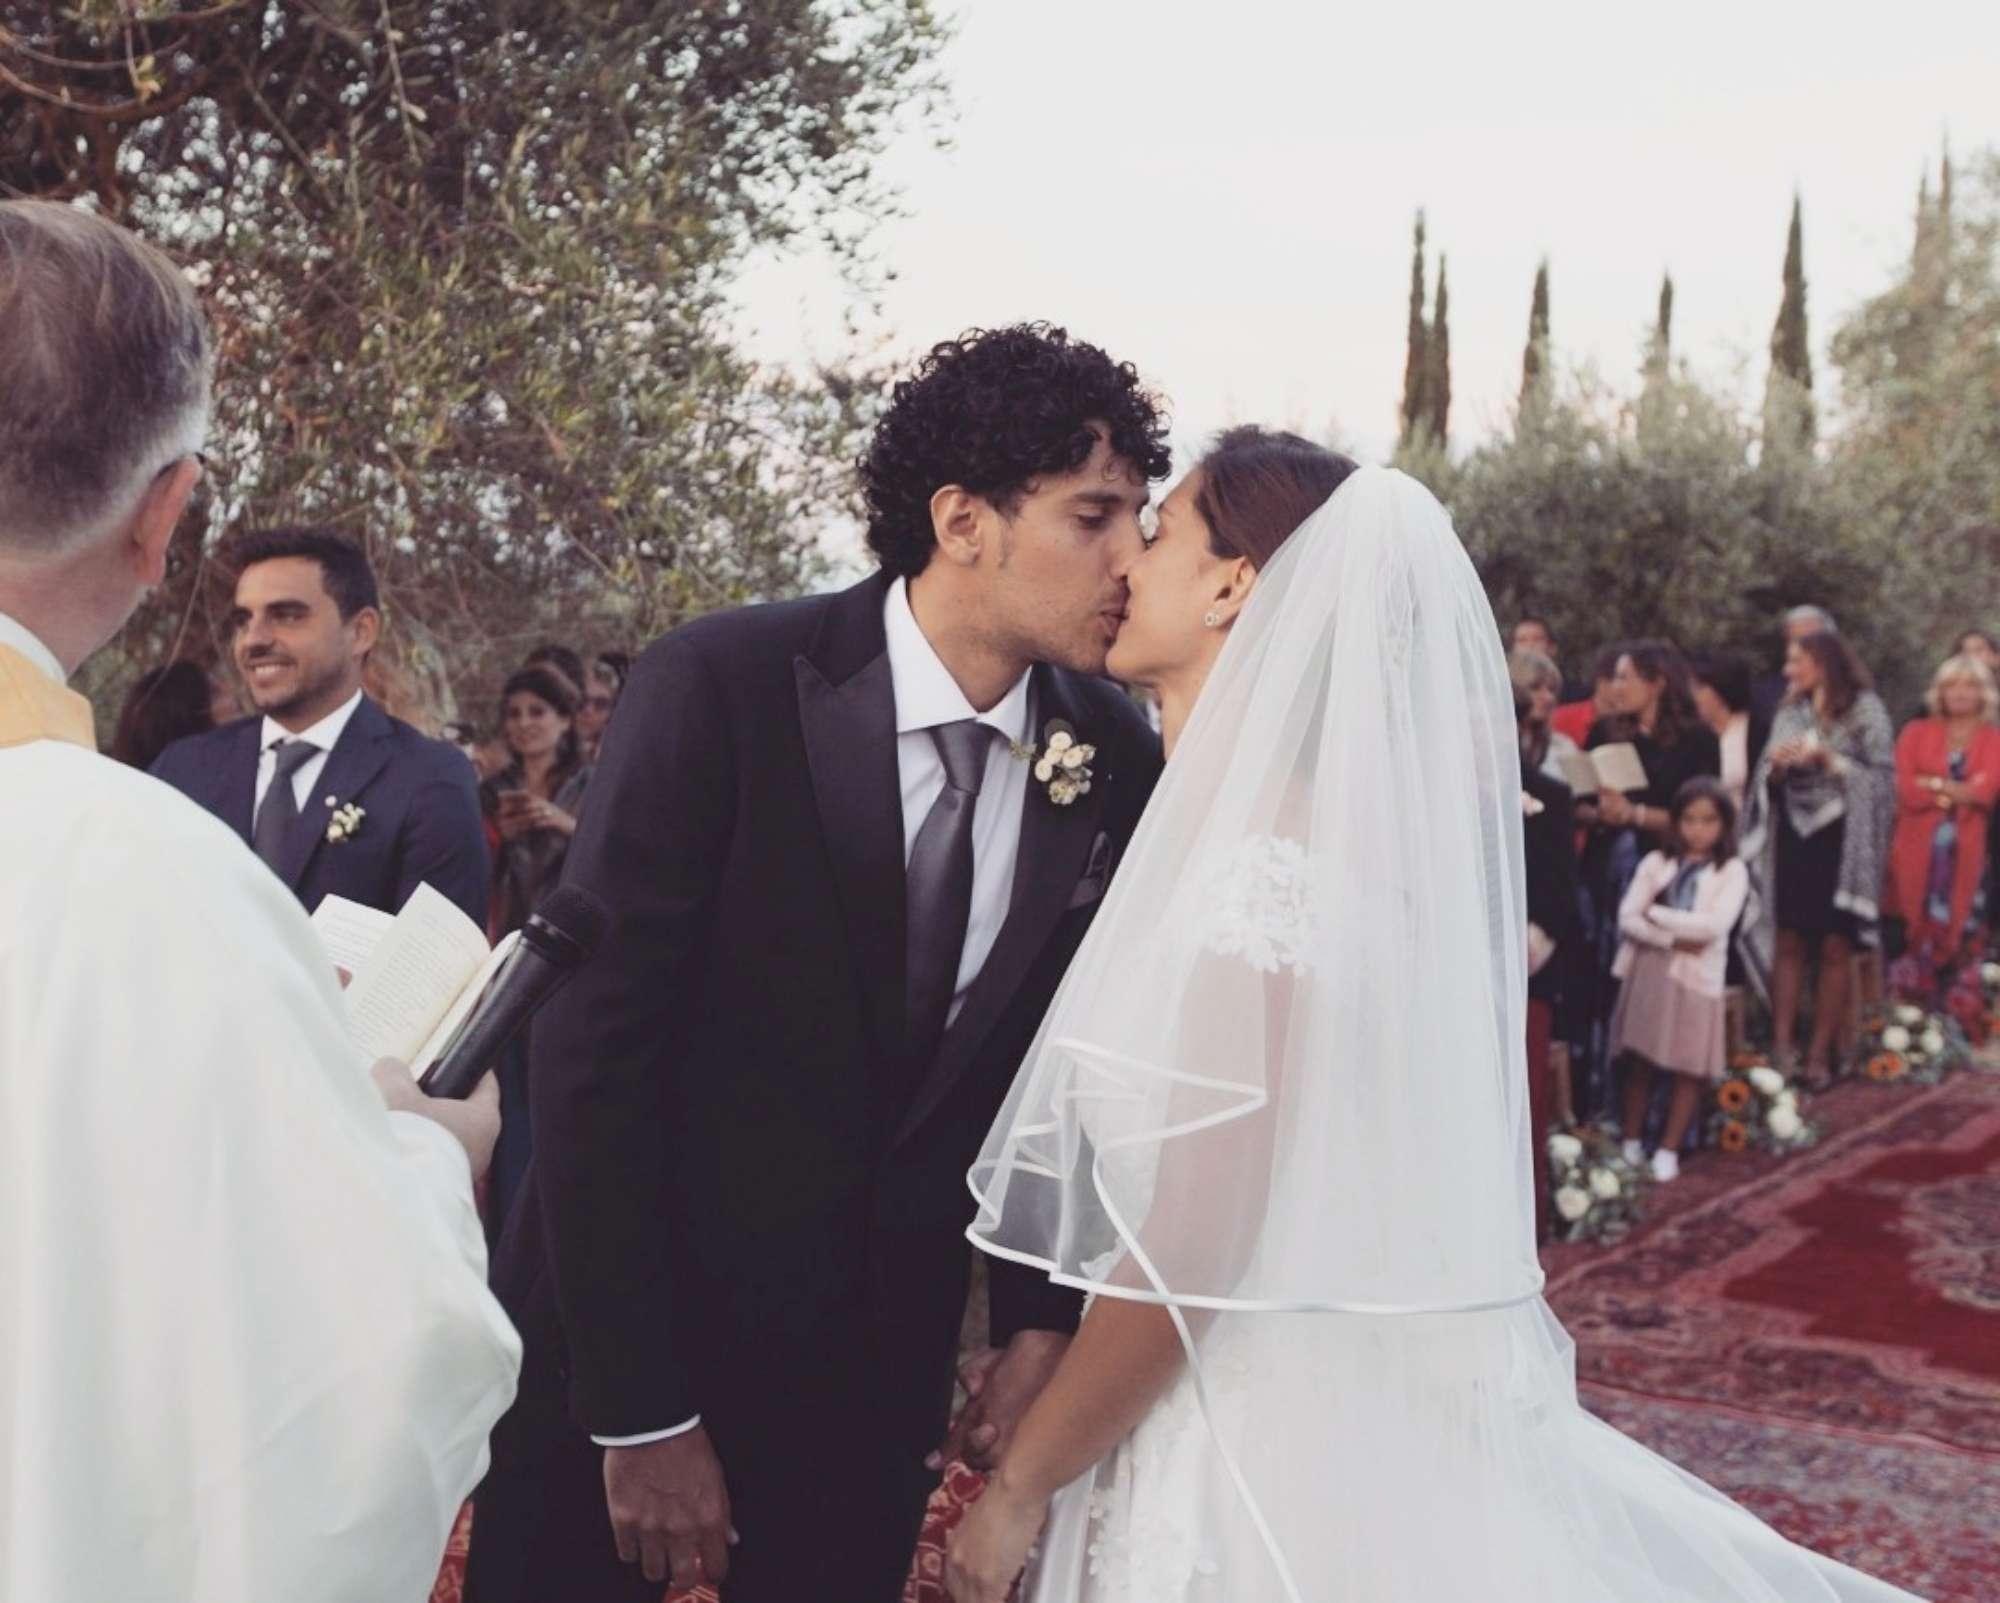 Matrimonio Cristiana Dell'Anna album di nozze